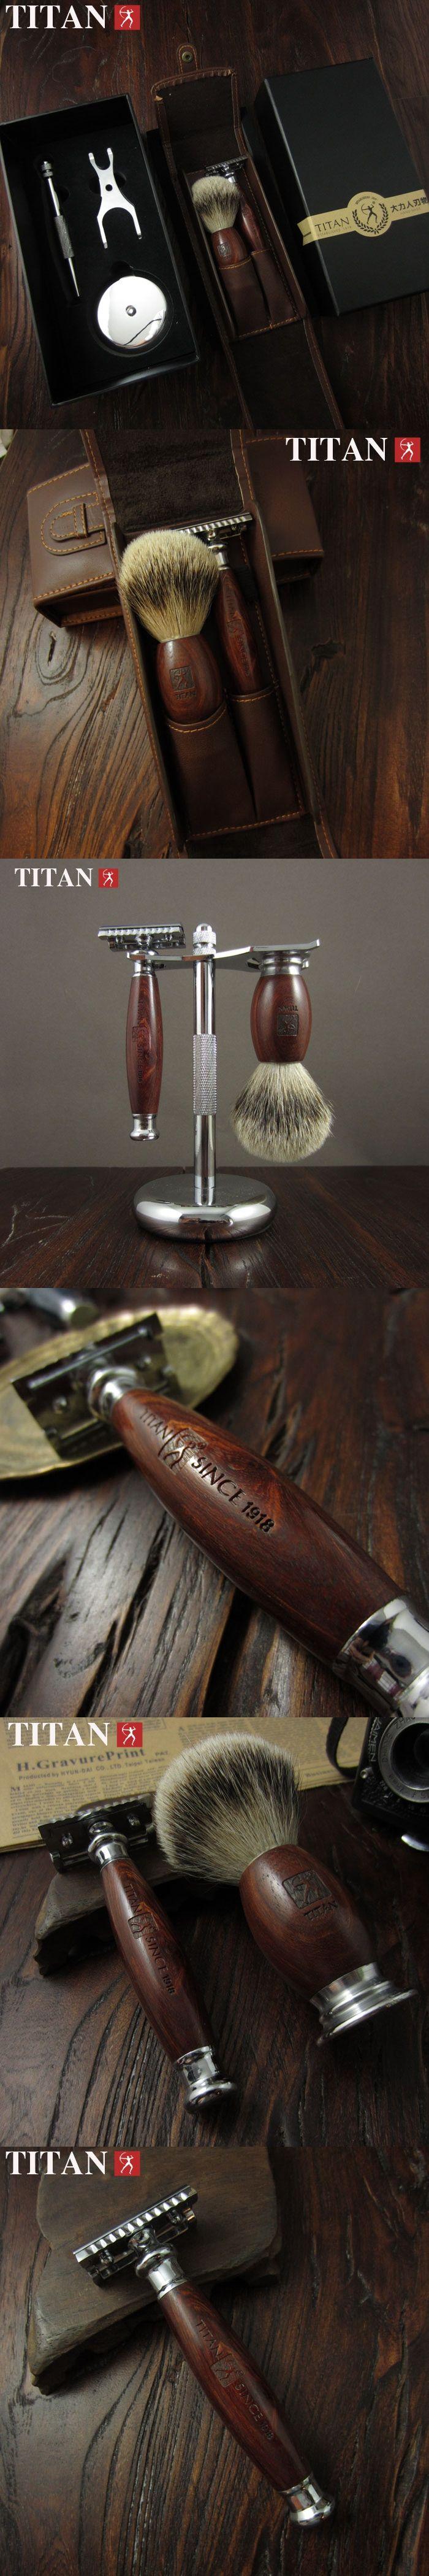 Titan safety razor set ,double edge safety razor set,safety razor stainless steel Classic Fashion Men Manual Shaver